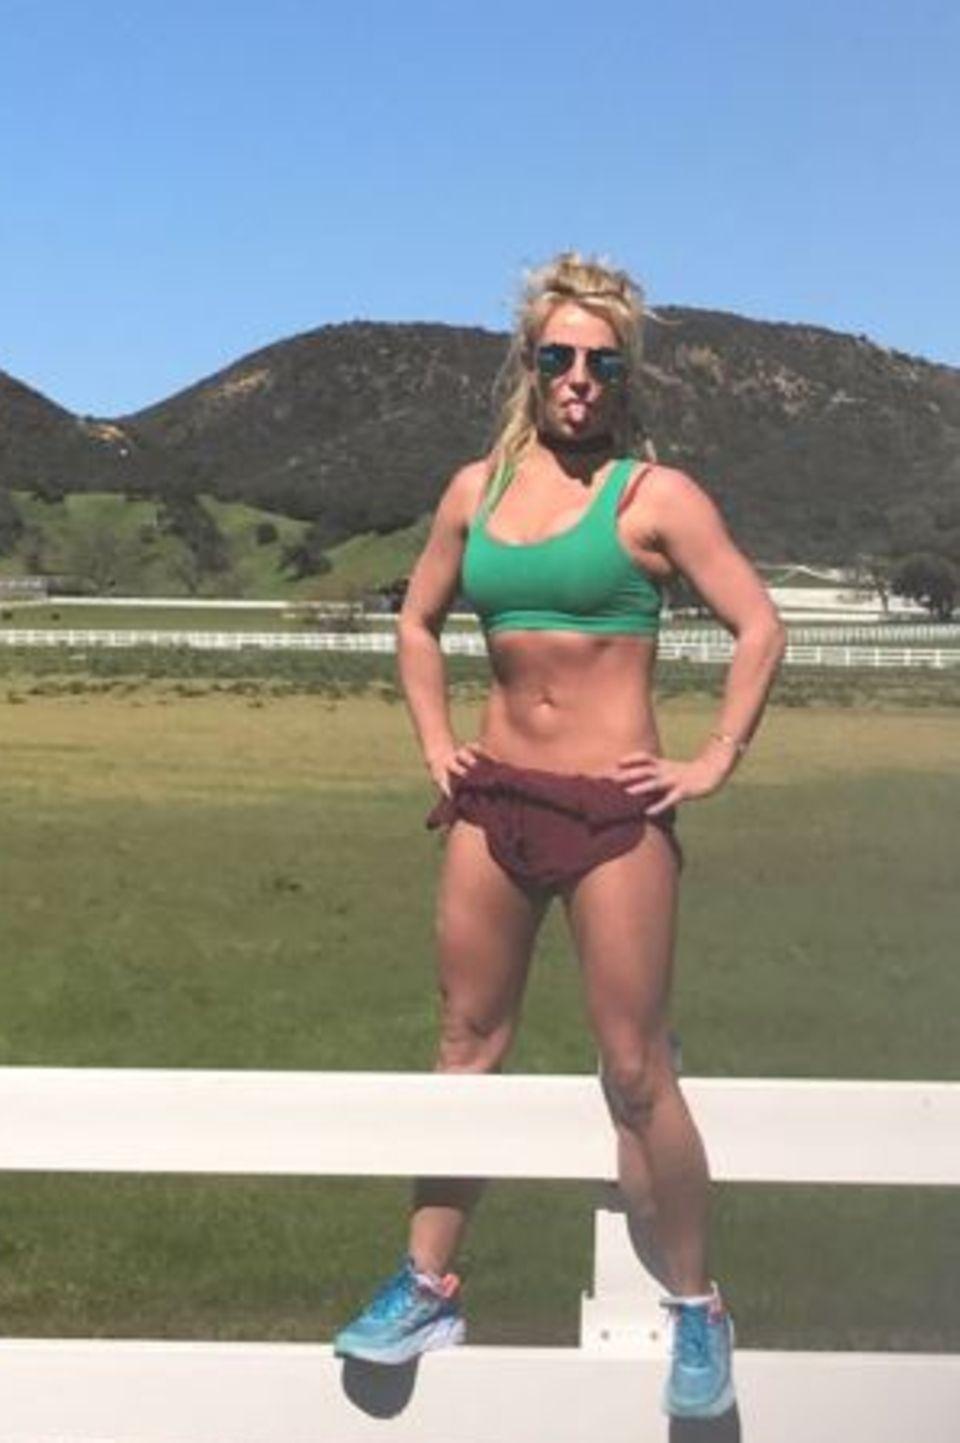 Britney Spears ist wieder voll in Shape. Verständlich, dass sie das mit der Welt teilen möchte. Um ihren Körper besonders muskulös und durchtrainiert zu präsentieren, hat sie sich dafür jedoch ein Posing einfallen lassen, dass eher merkwürdig als superfit aussieht: Bauch einziehen, Luft anhalten, Muskeln anspannen, Füße hüftbreit hinstellen, Hände in die Hüfte stemmen und bloß nicht ausatmen.